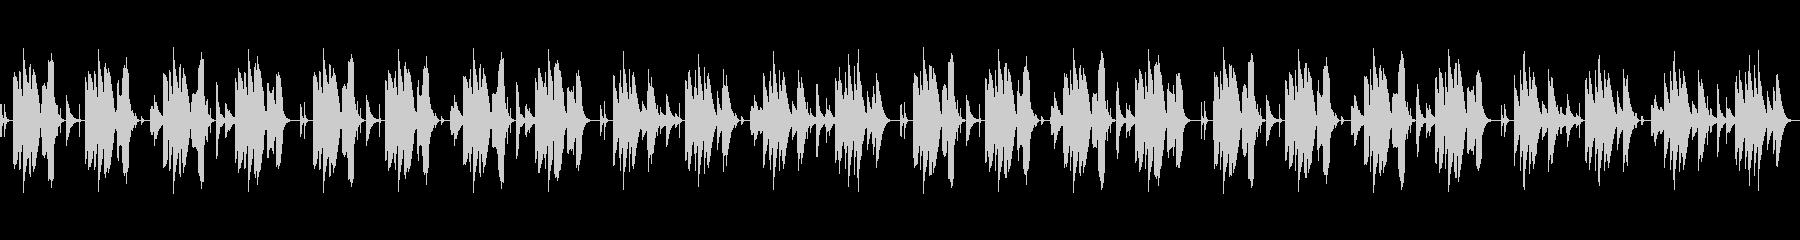 気の抜けるほんわか・おとぼけ笛と打楽器の未再生の波形